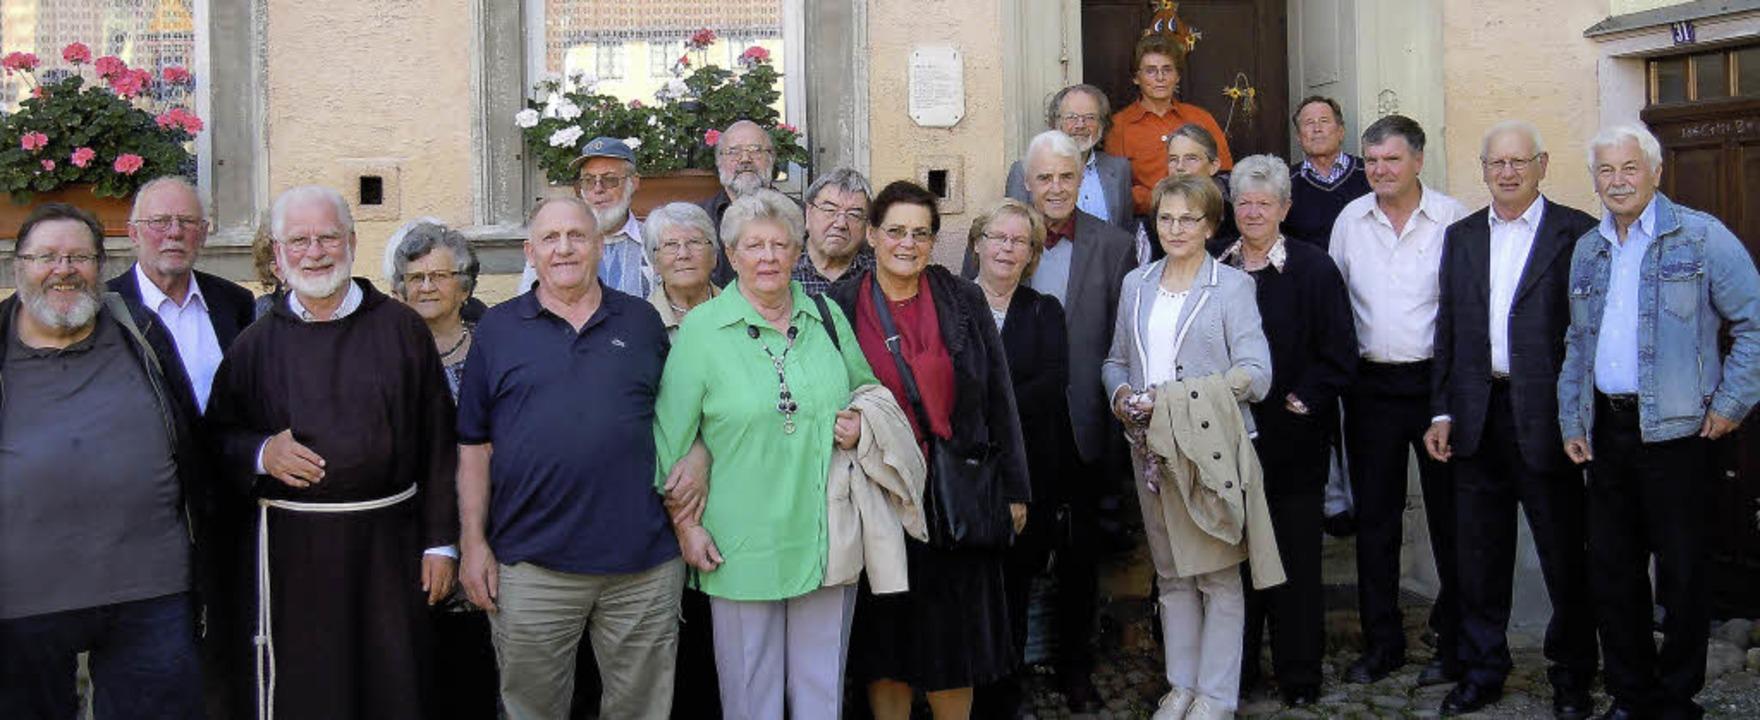 Als Hommage an Stühlingen hielt der Ge...ersammlung in der Hohenlupfenstadt ab.  | Foto: Binner-Schwarz